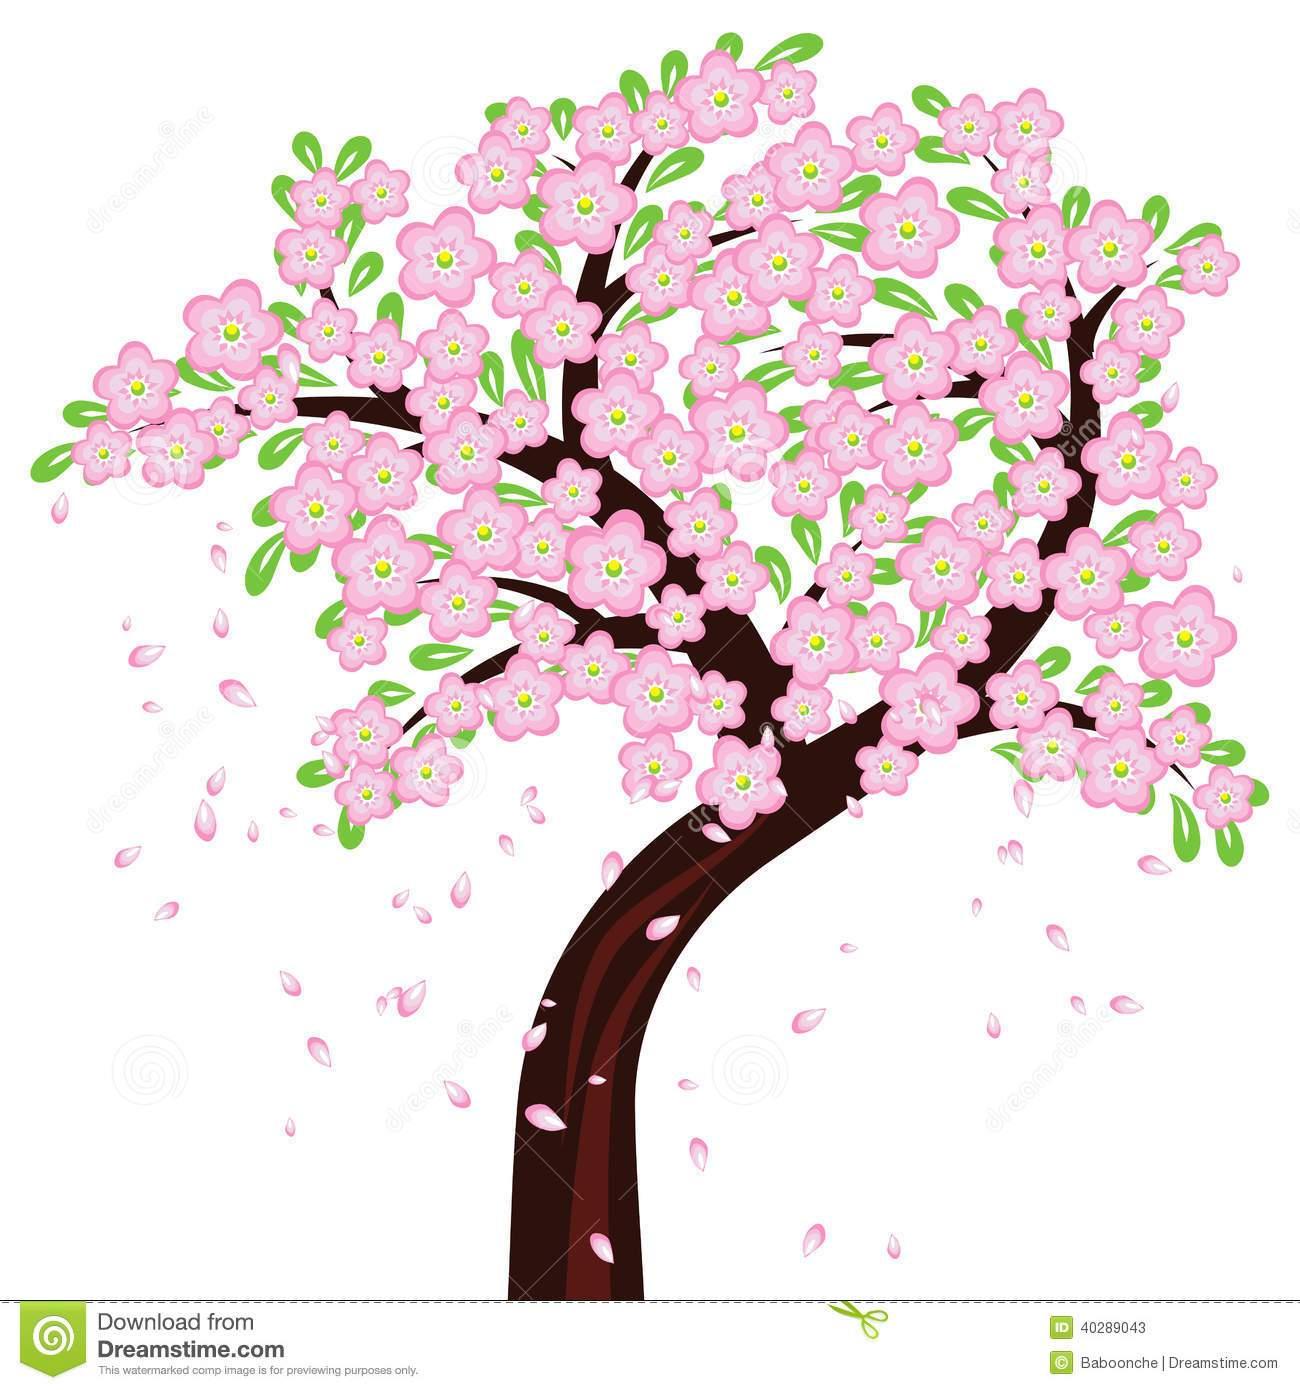 一棵会开花的树 (cover)